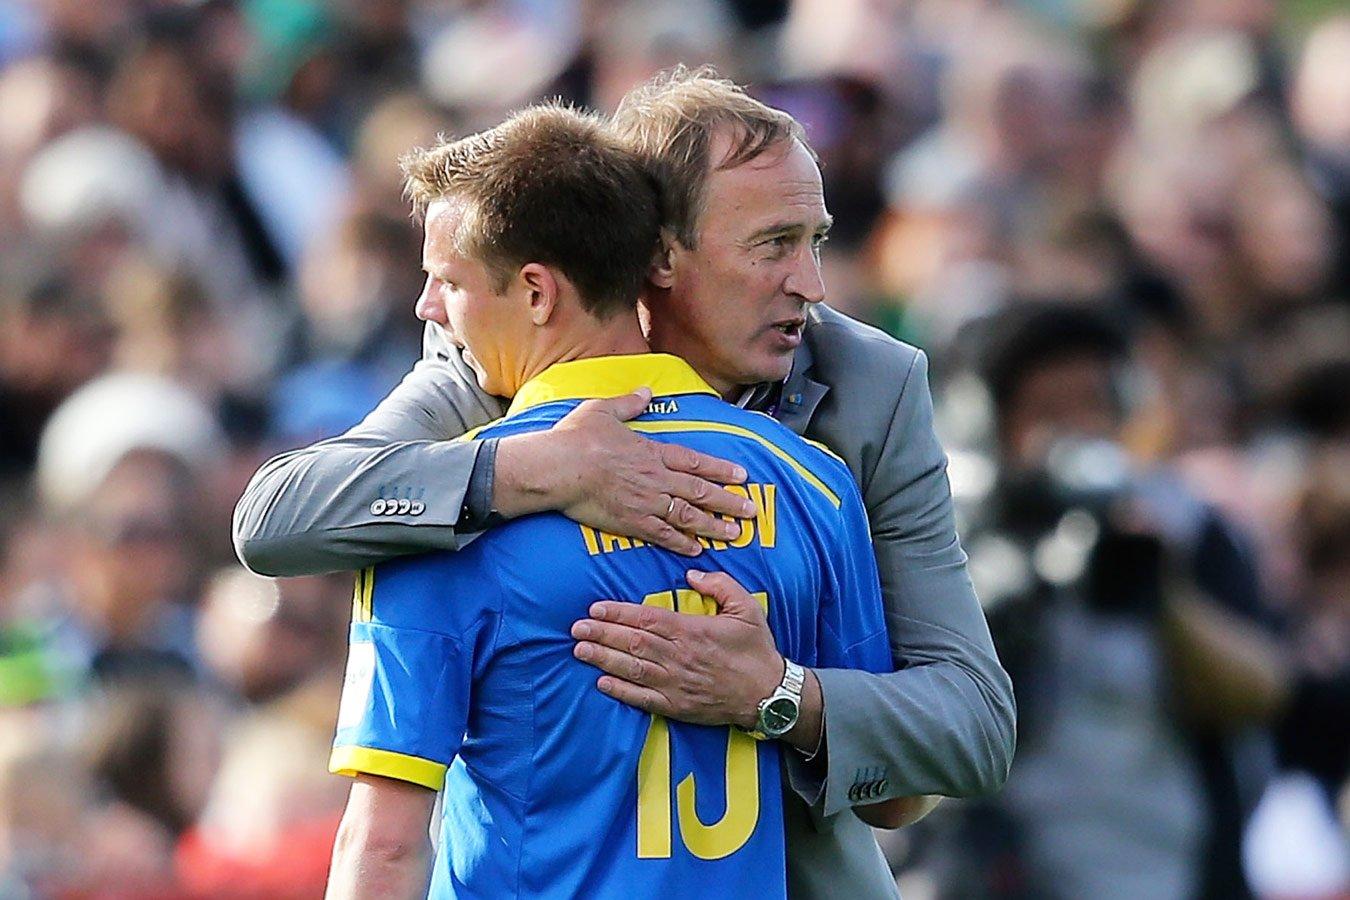 Тренер сборной Украины: сейчас футболистов из России в команде априори быть не может